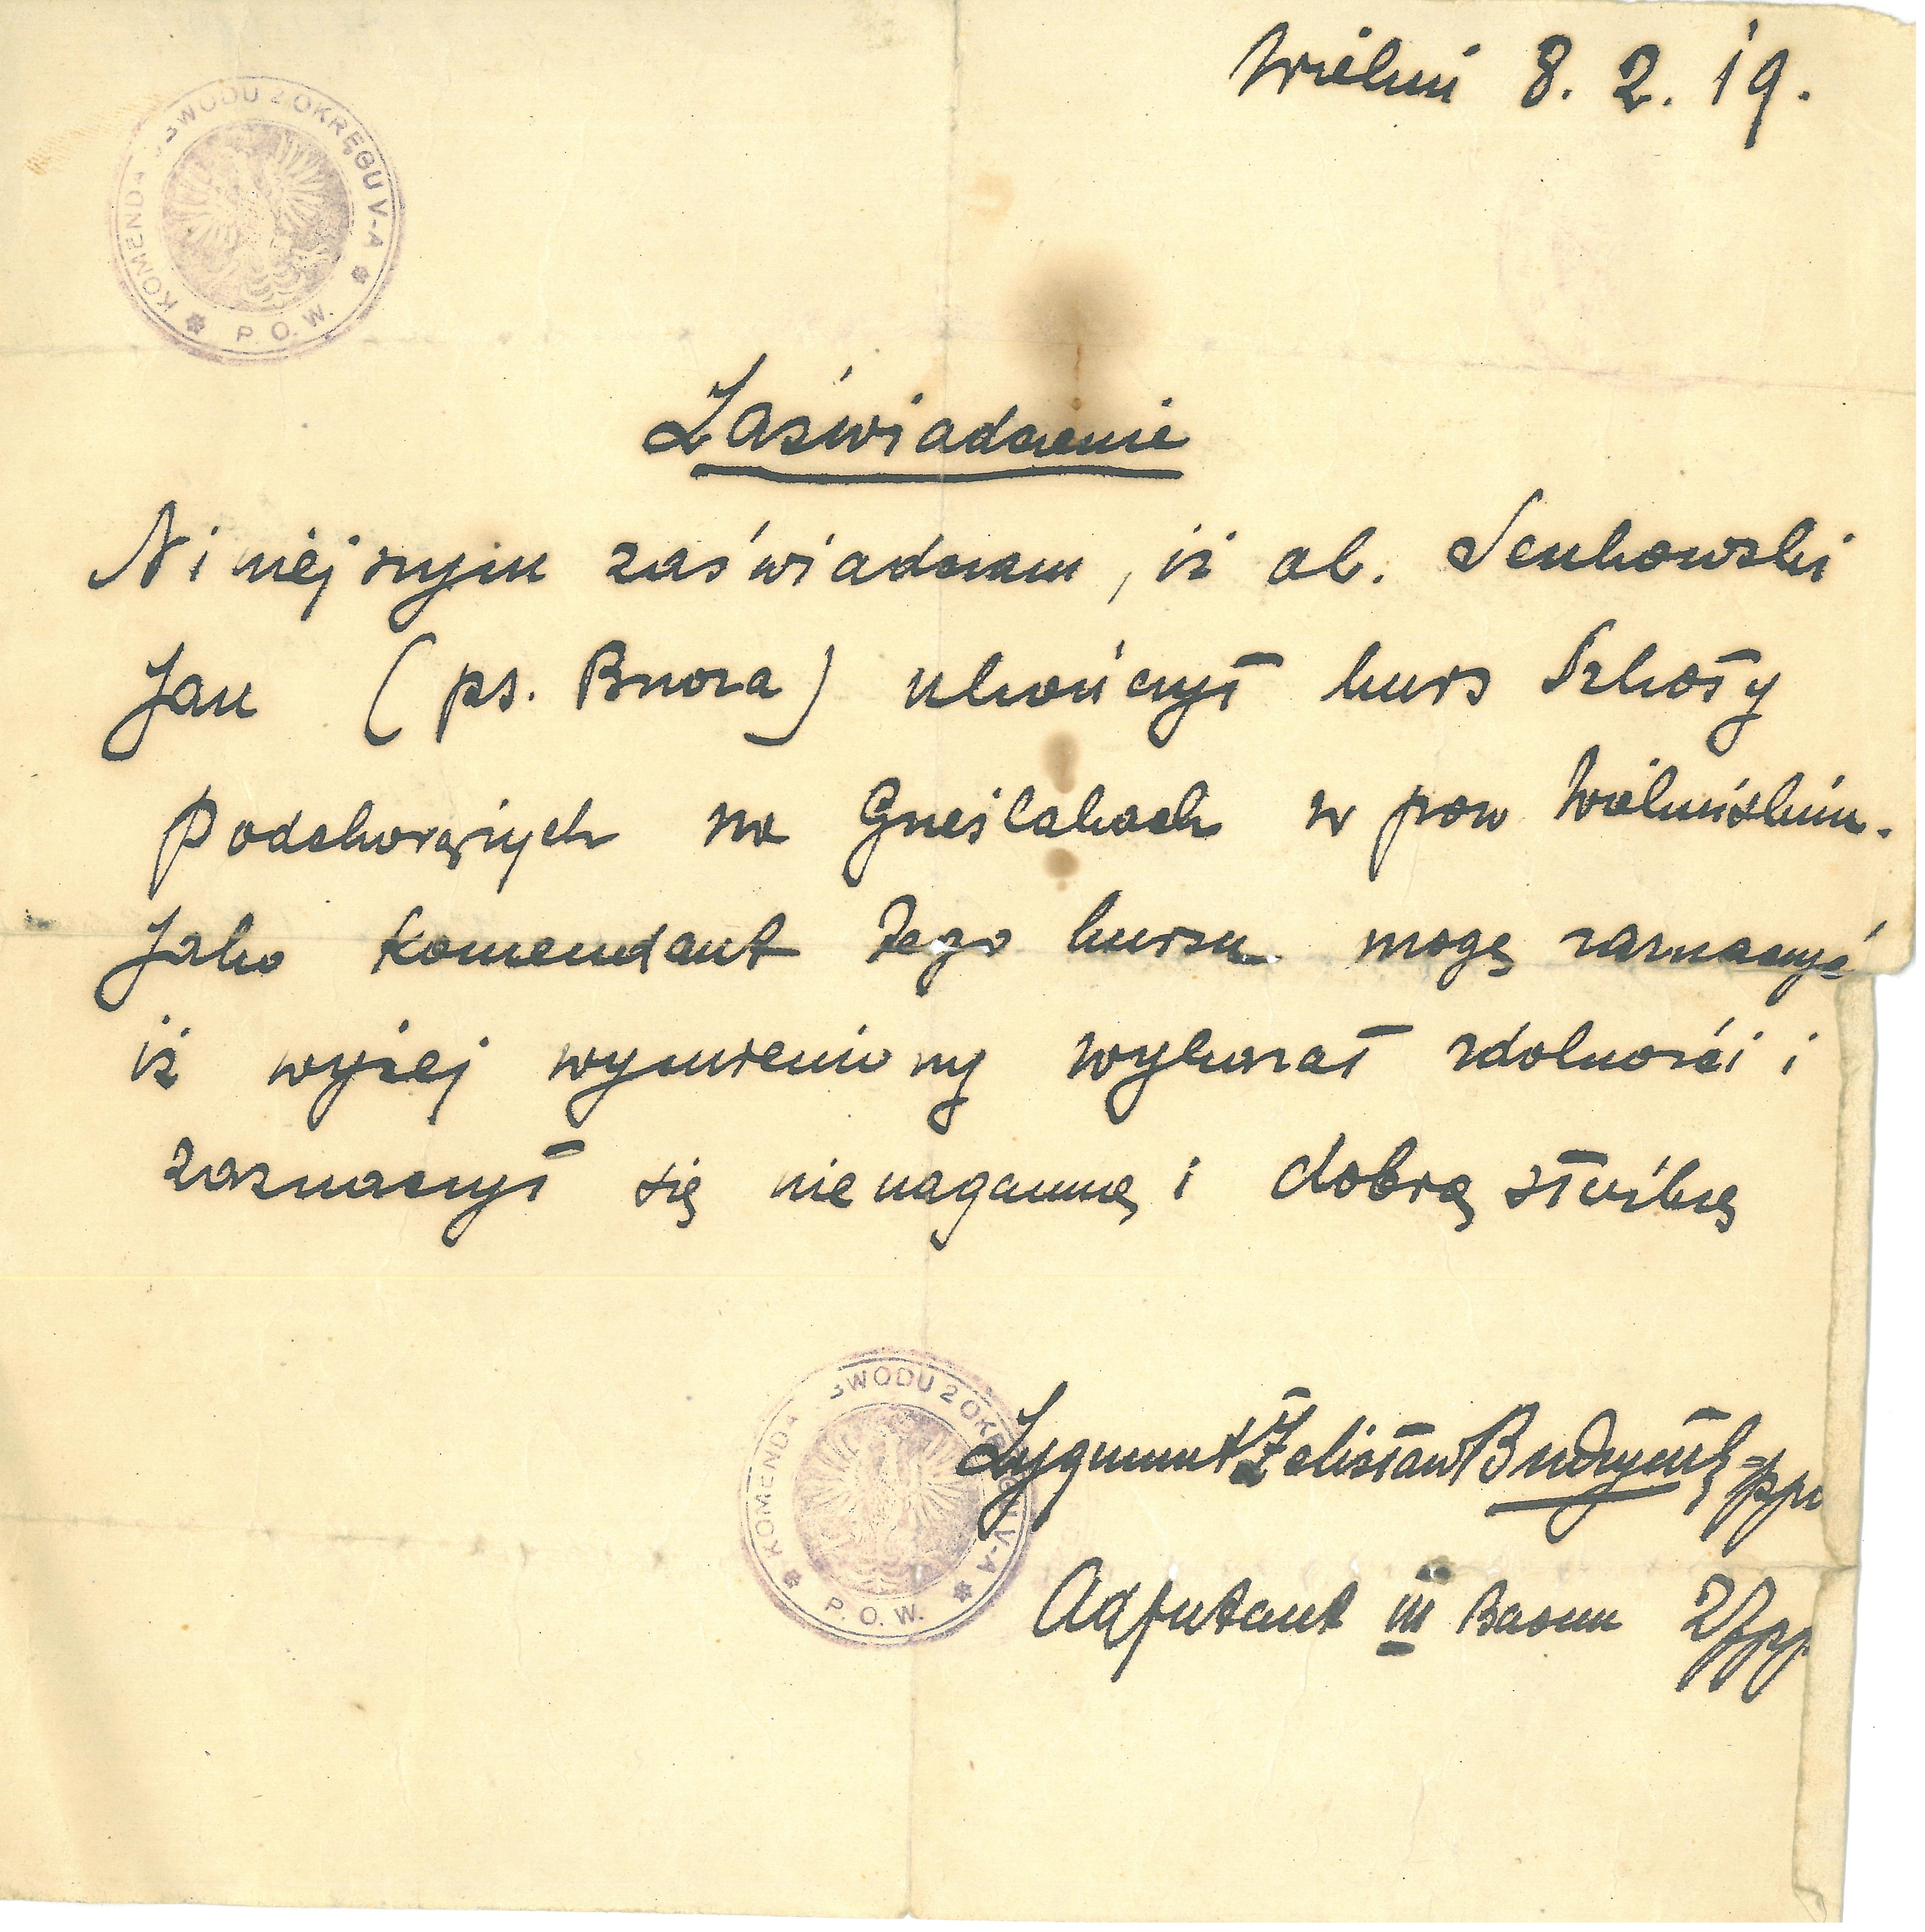 1.-Zaświadczenie-dla-Jana-Sękowskiego-o-ukończeniu-kursu-podchorążych-na-Grzęslakach-w-powiecie-wieluńskim-1919-r.